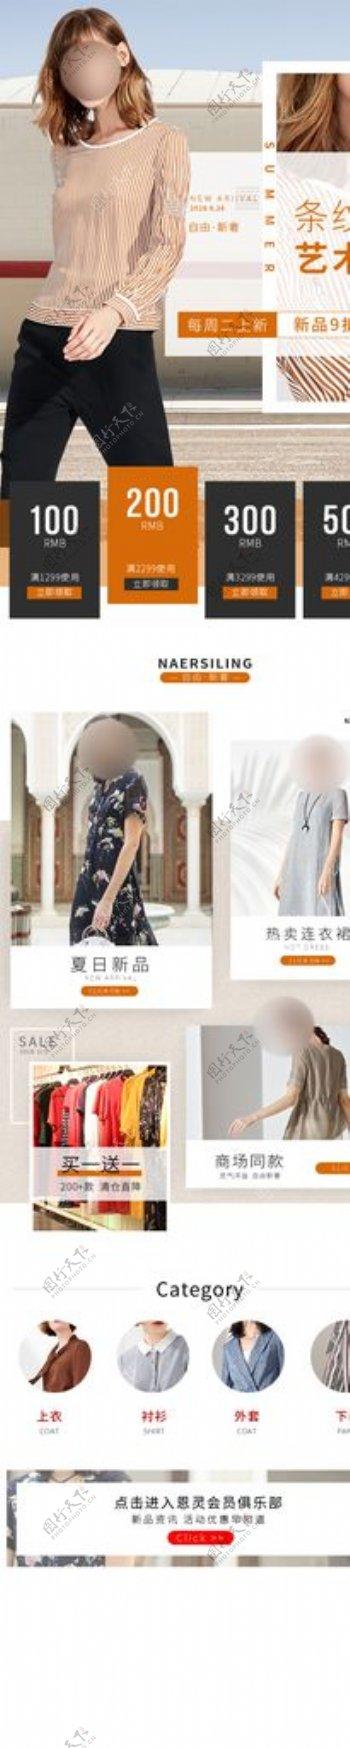 女装日常活动页面设计图片